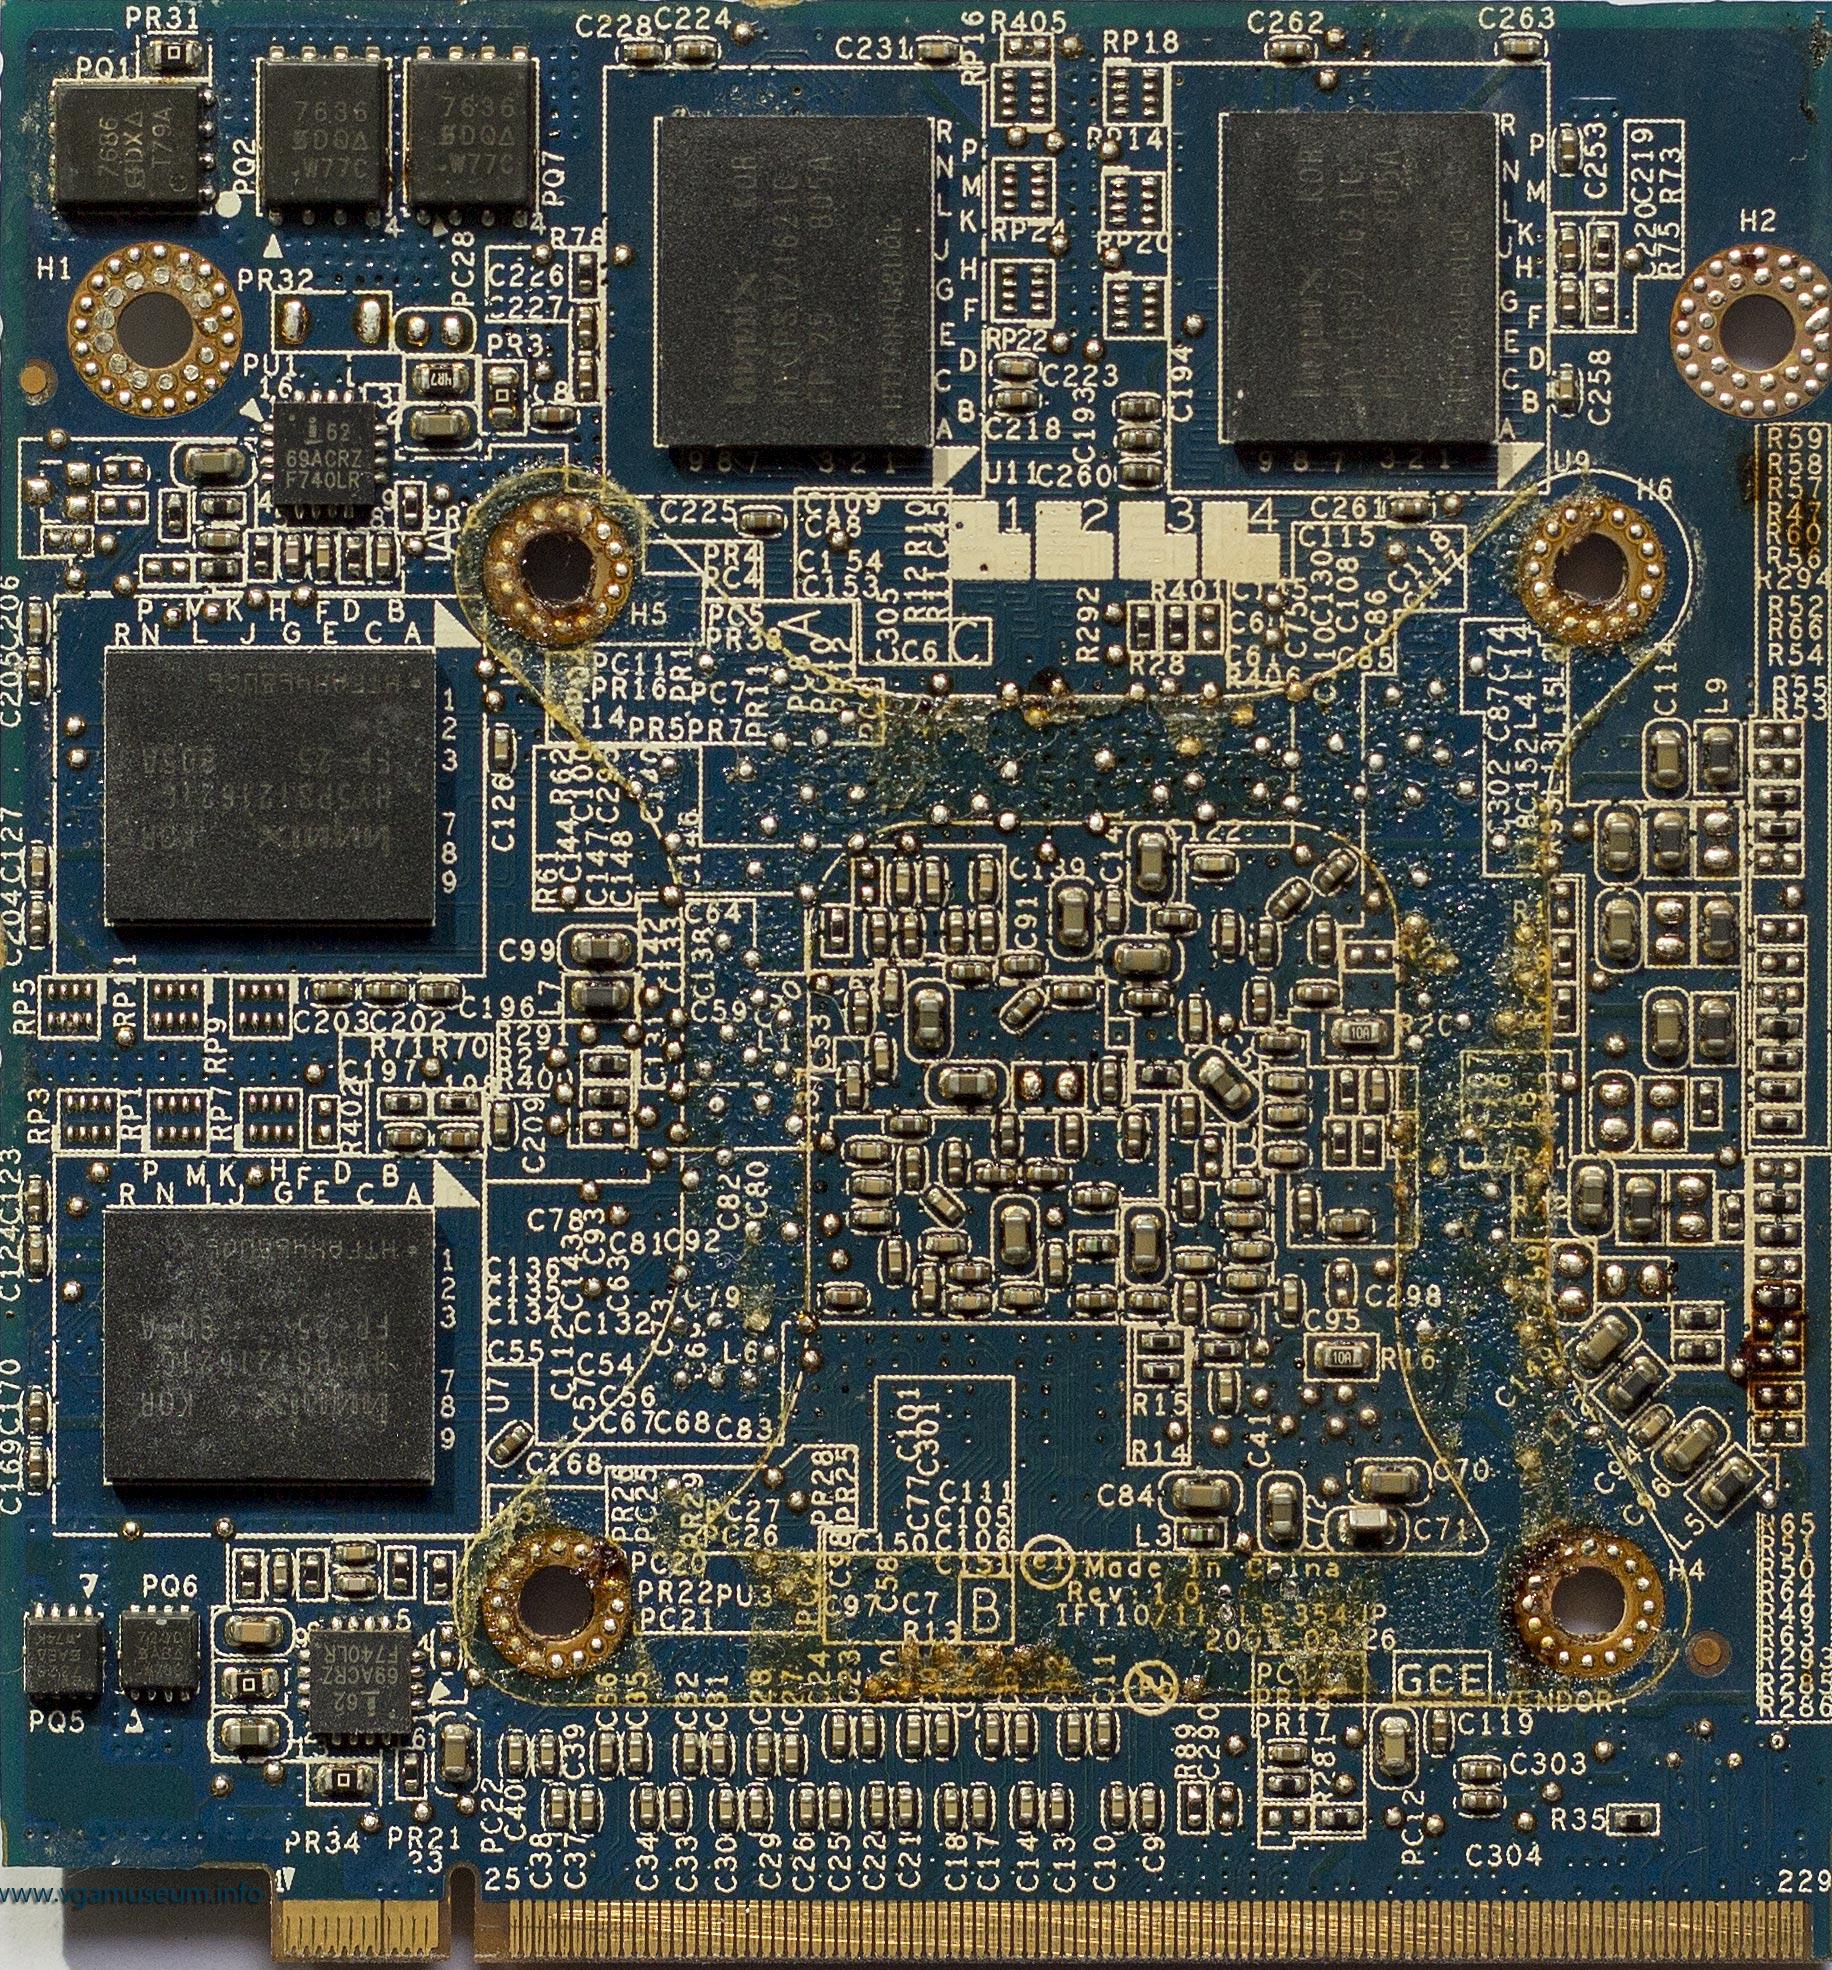 512mb pci-e ddr-2 xfx geforce 8600gt 540m (rtl)+dvi+tv out+sli pv-t84j-yajg